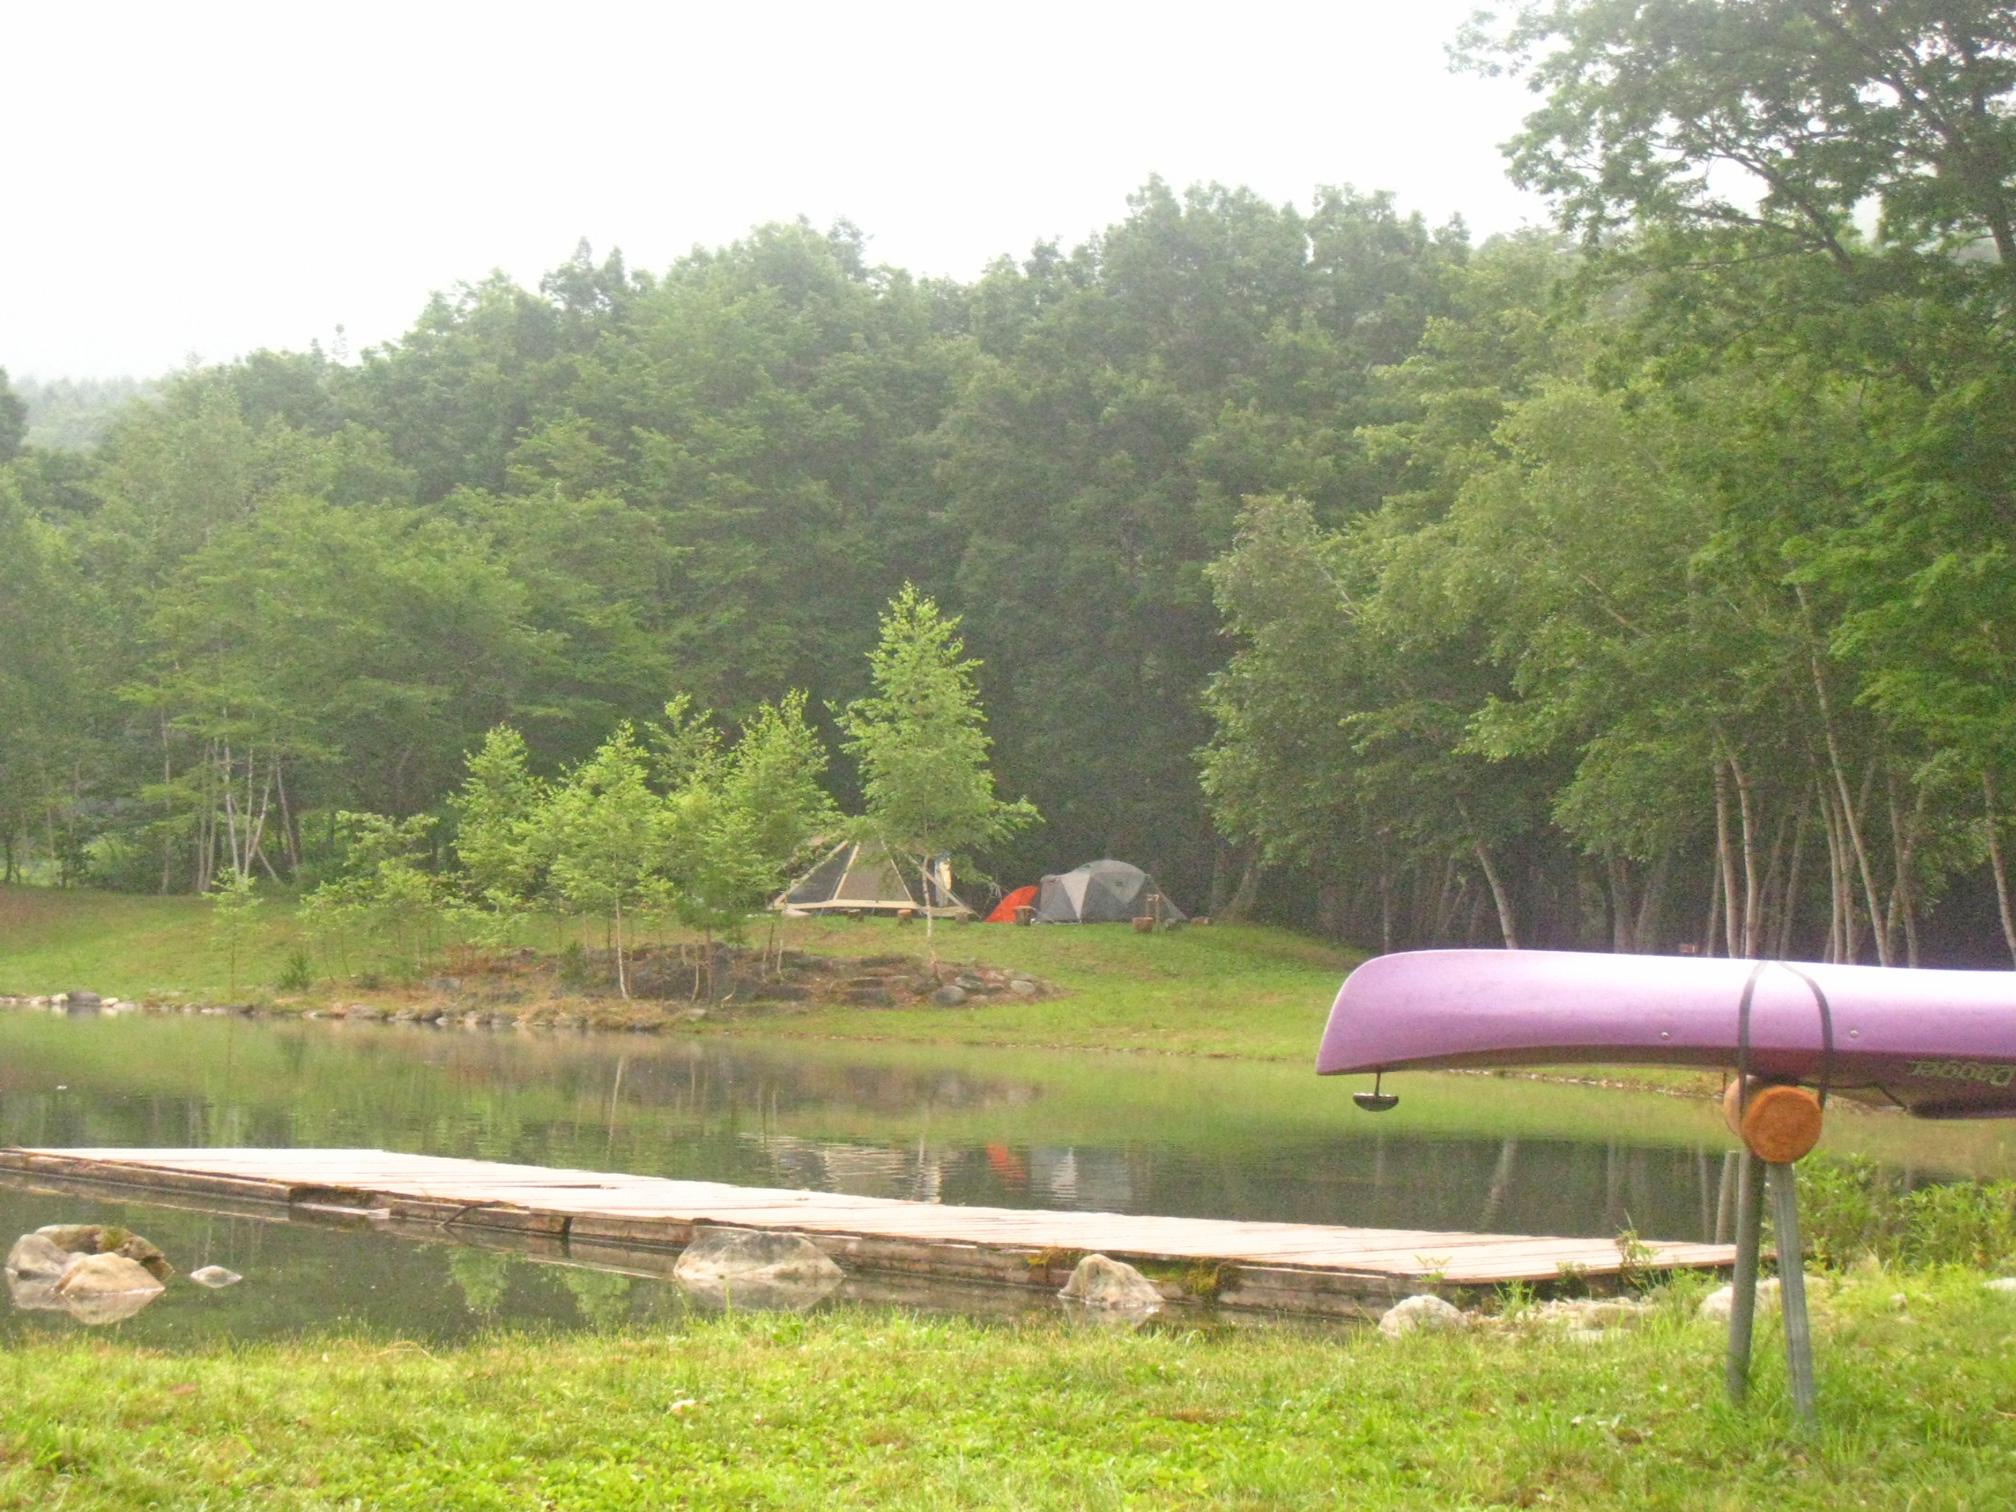 ワイルドフィールズおじか・池の桟橋とカヌー